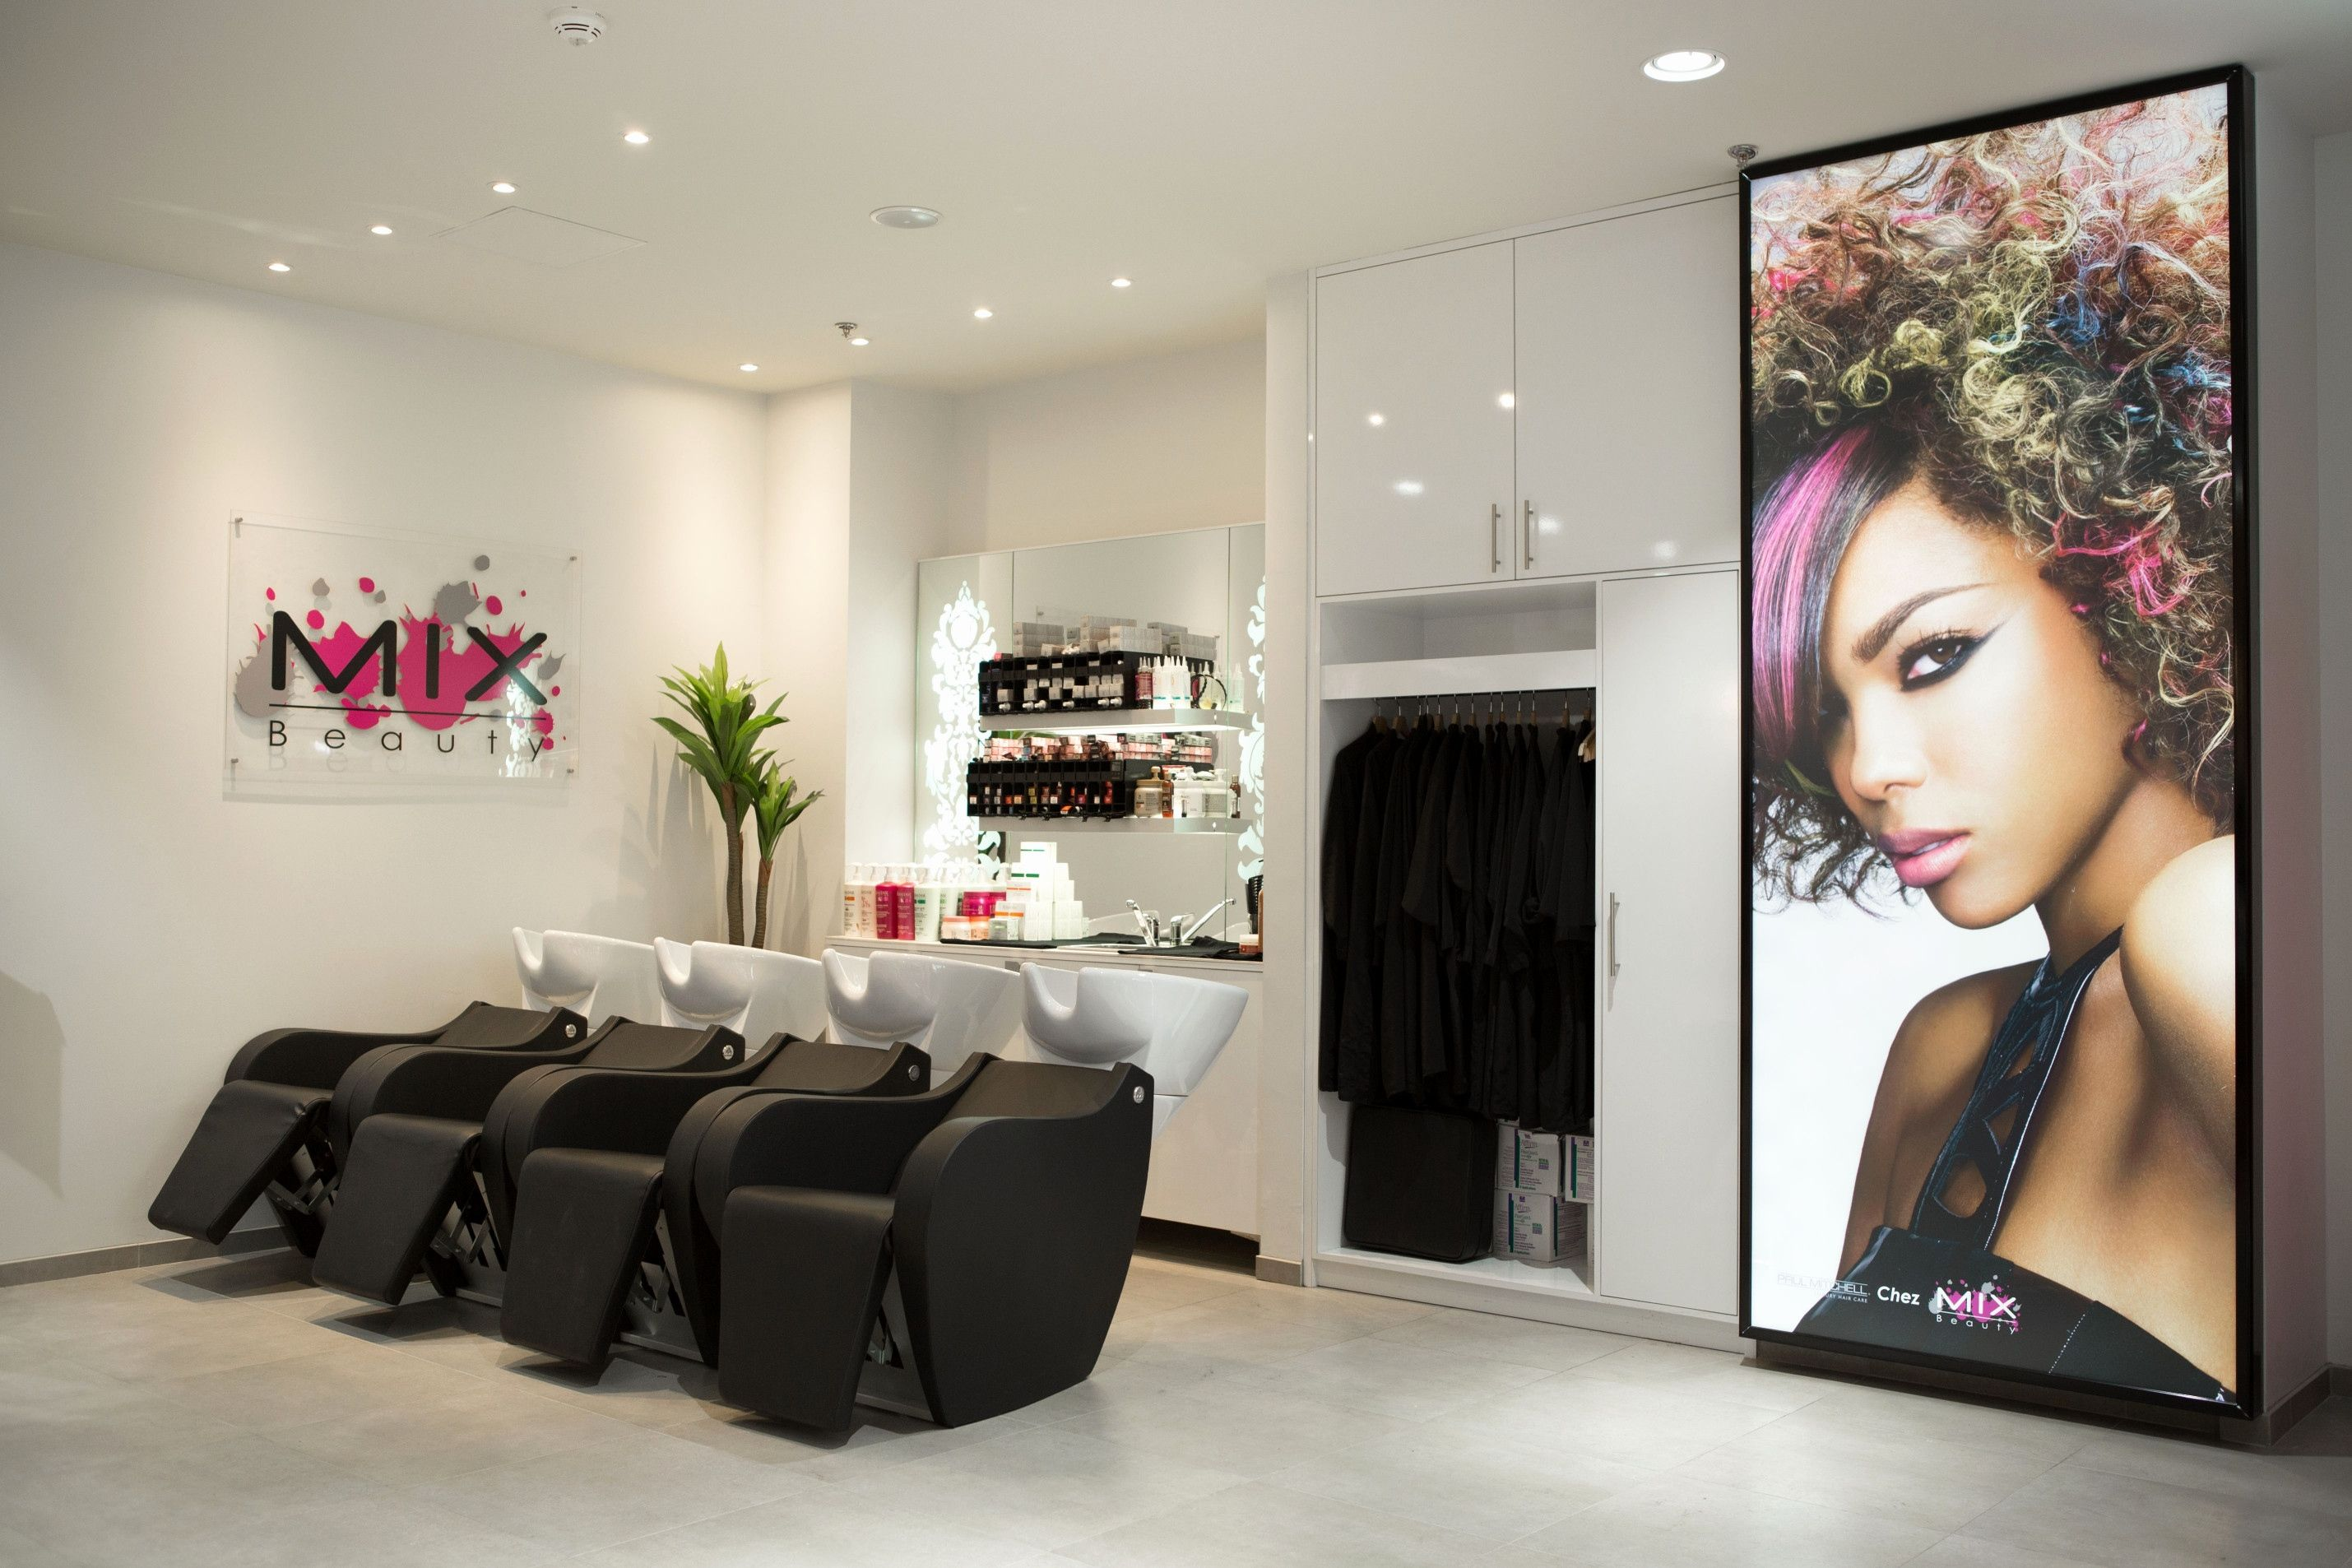 77 Salon De Coiffure Afro Paris Pas Cher Salon De Coiffure Afro Salon De Coiffure Coiffure Afro